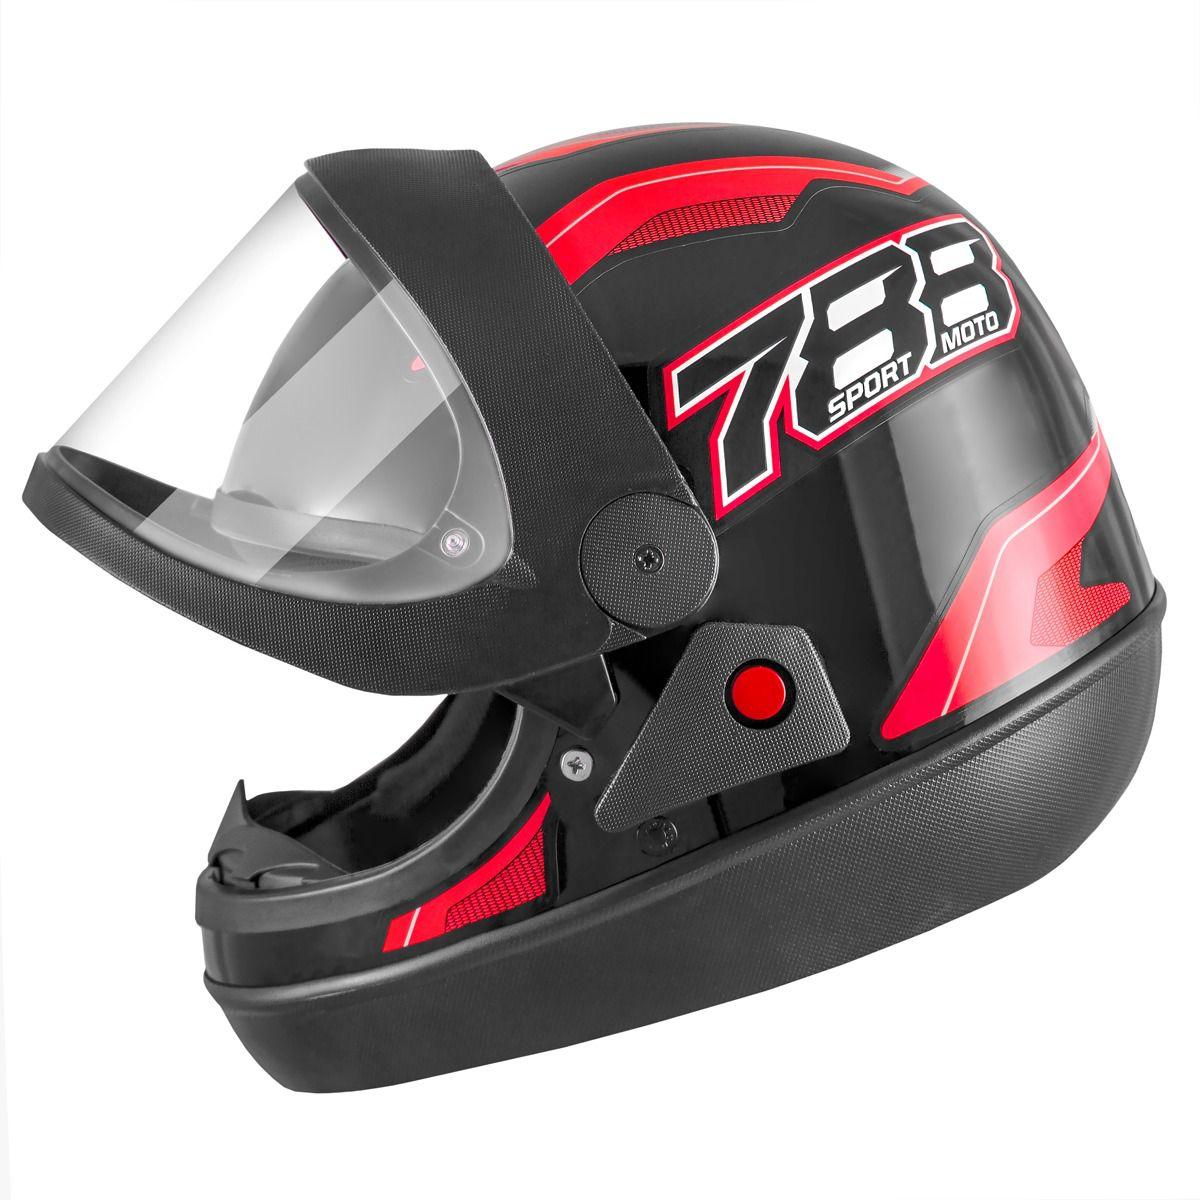 Capacete de moto New Sport Moto Preto/Vermelho